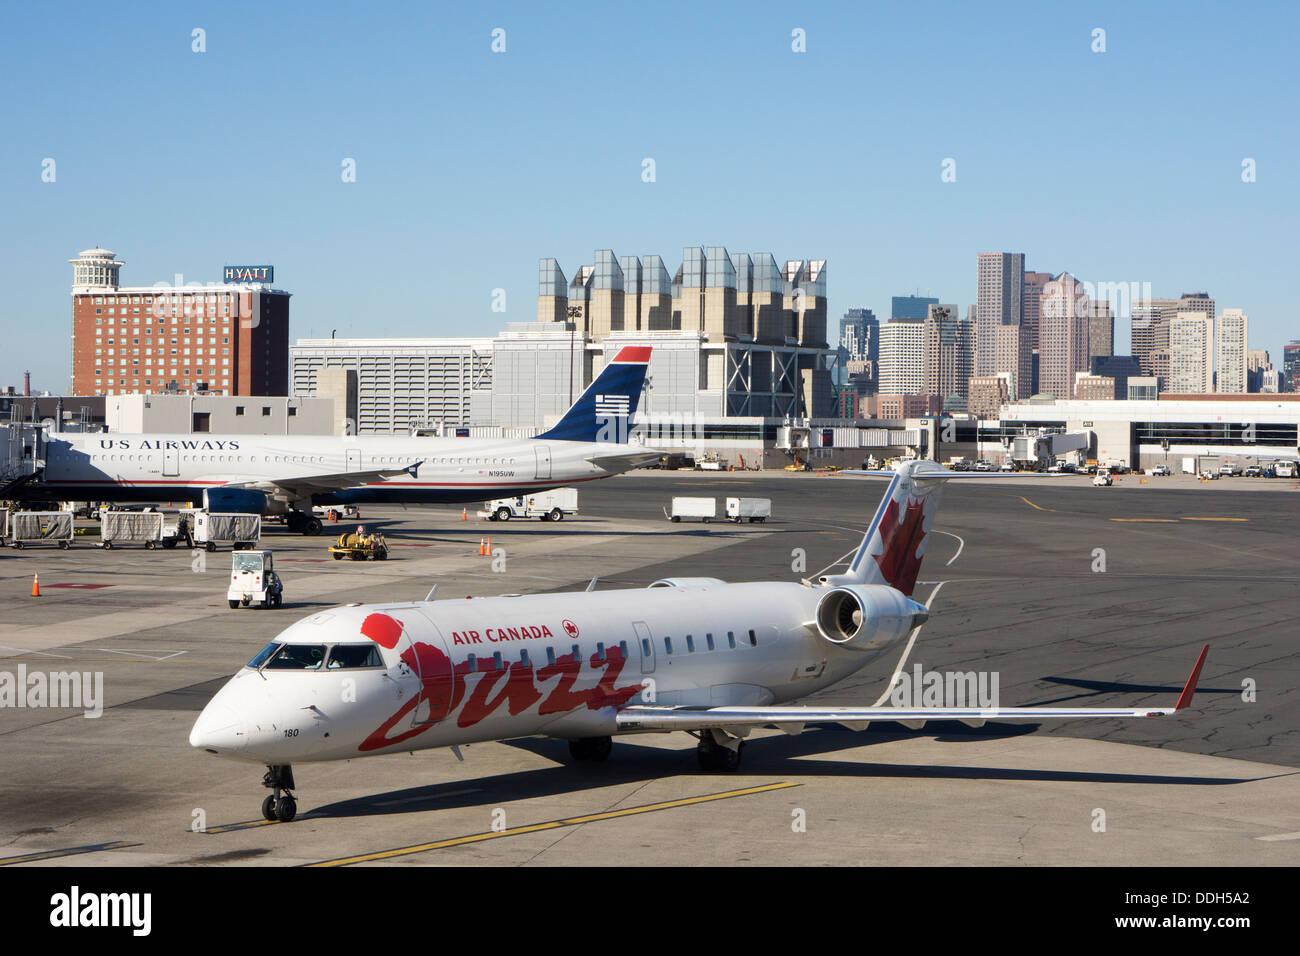 Aviones canadienses sobre el delantal en el Aeropuerto Internacional Logan de Boston. Imagen De Stock